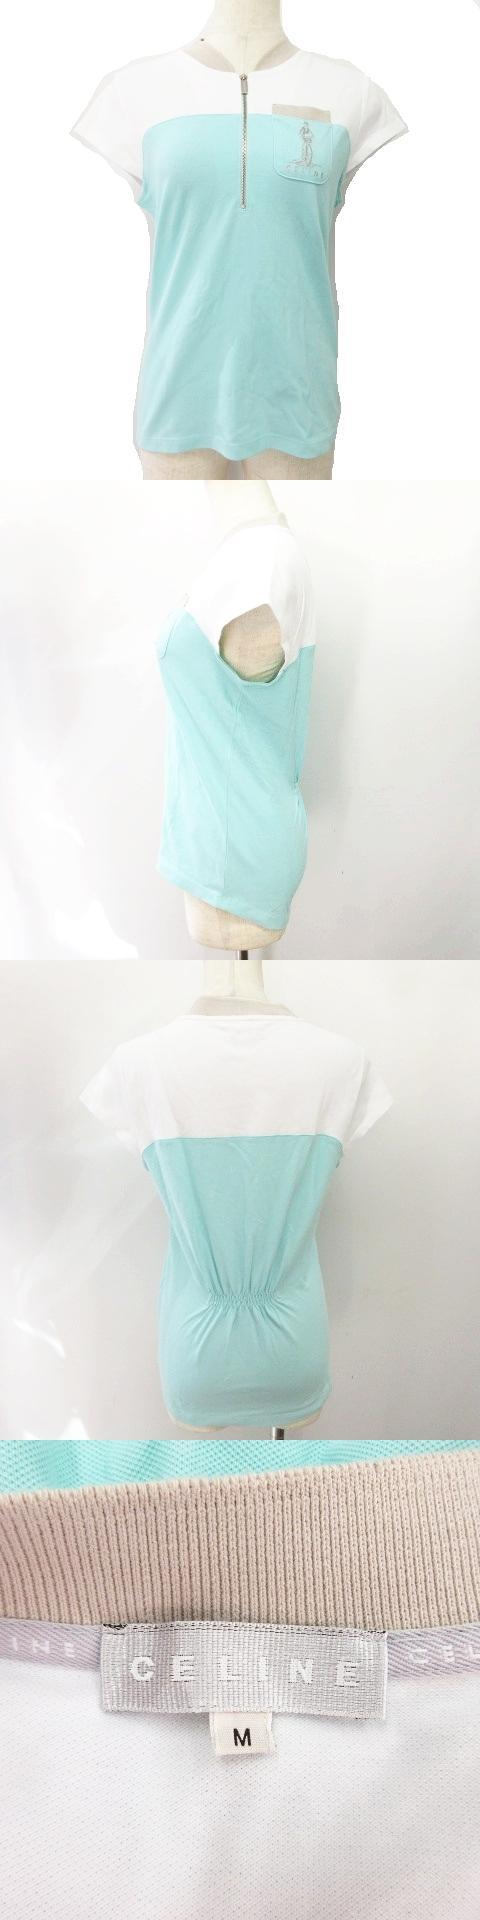 ポロシャツ 鹿の子 バイカラー ロゴ刺繍 ハーフジップ 半袖 サイズM ライトグリーン